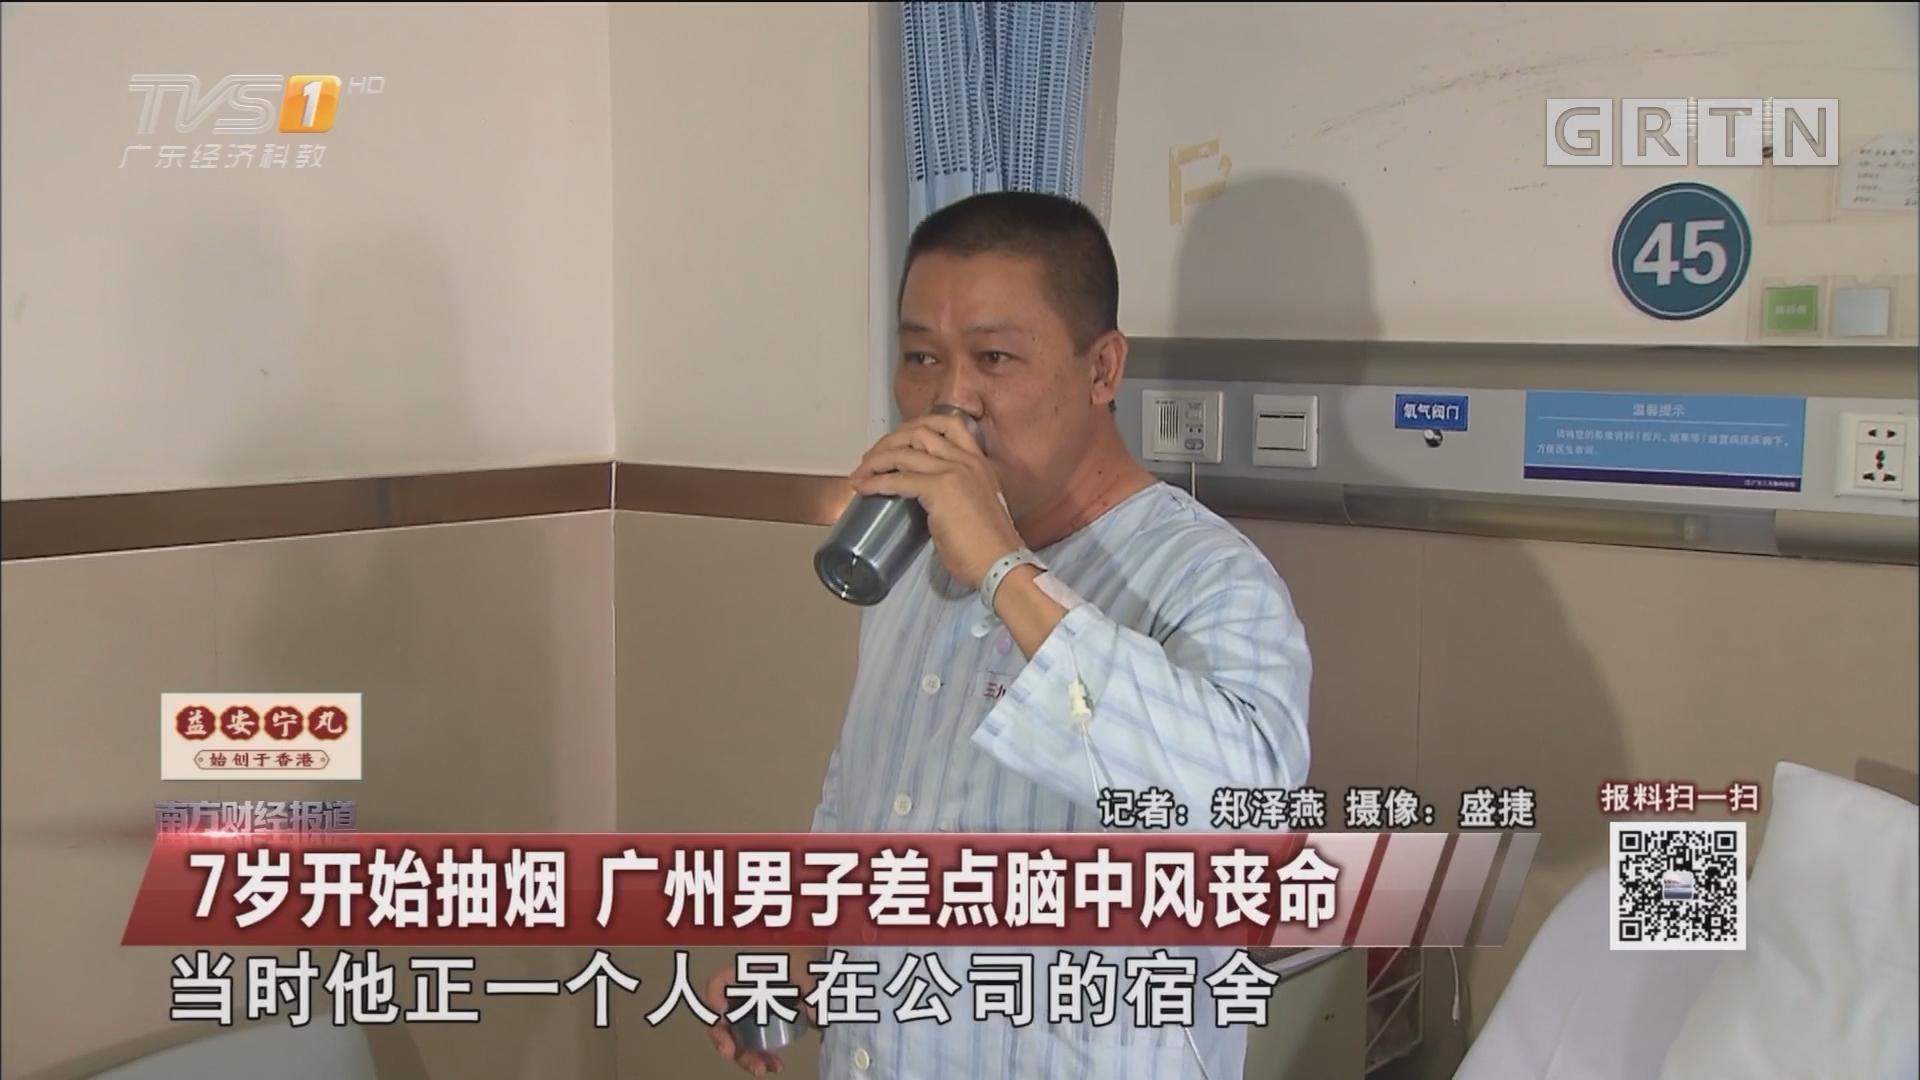 7岁开始抽烟 广州男子差点脑中风丧命